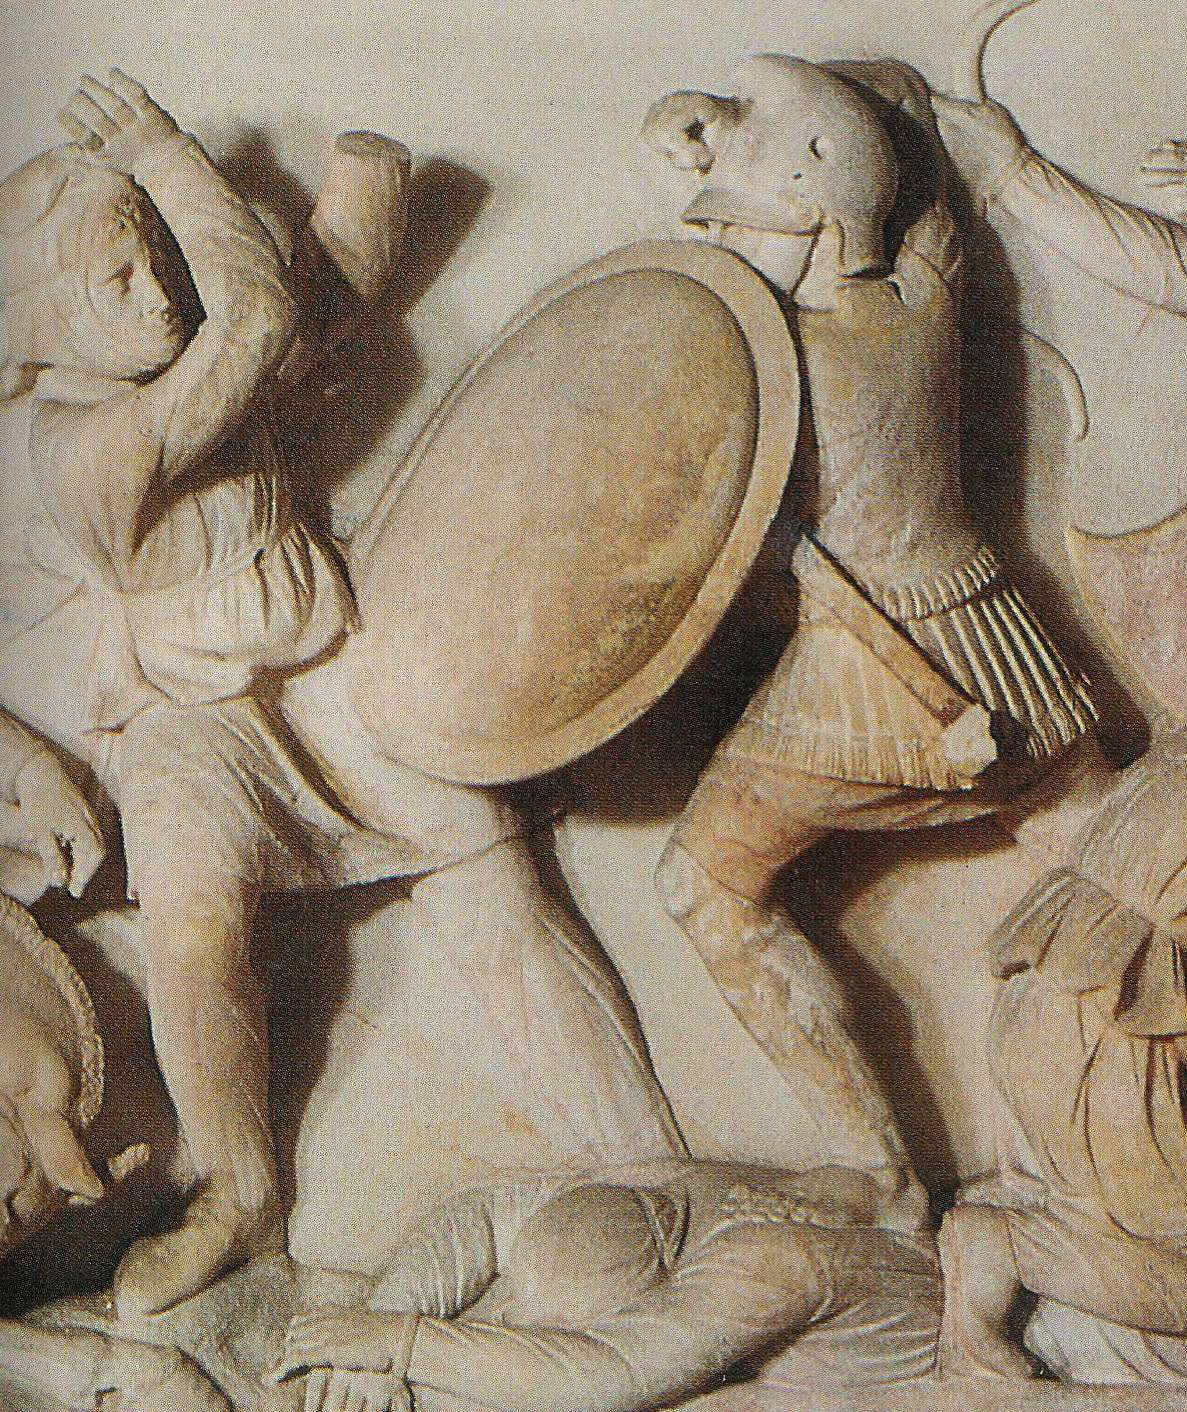 αρχαίος Έλληνας στρατιώτης, Πεζέταιρος της Μακεδονικής φάλαγγας